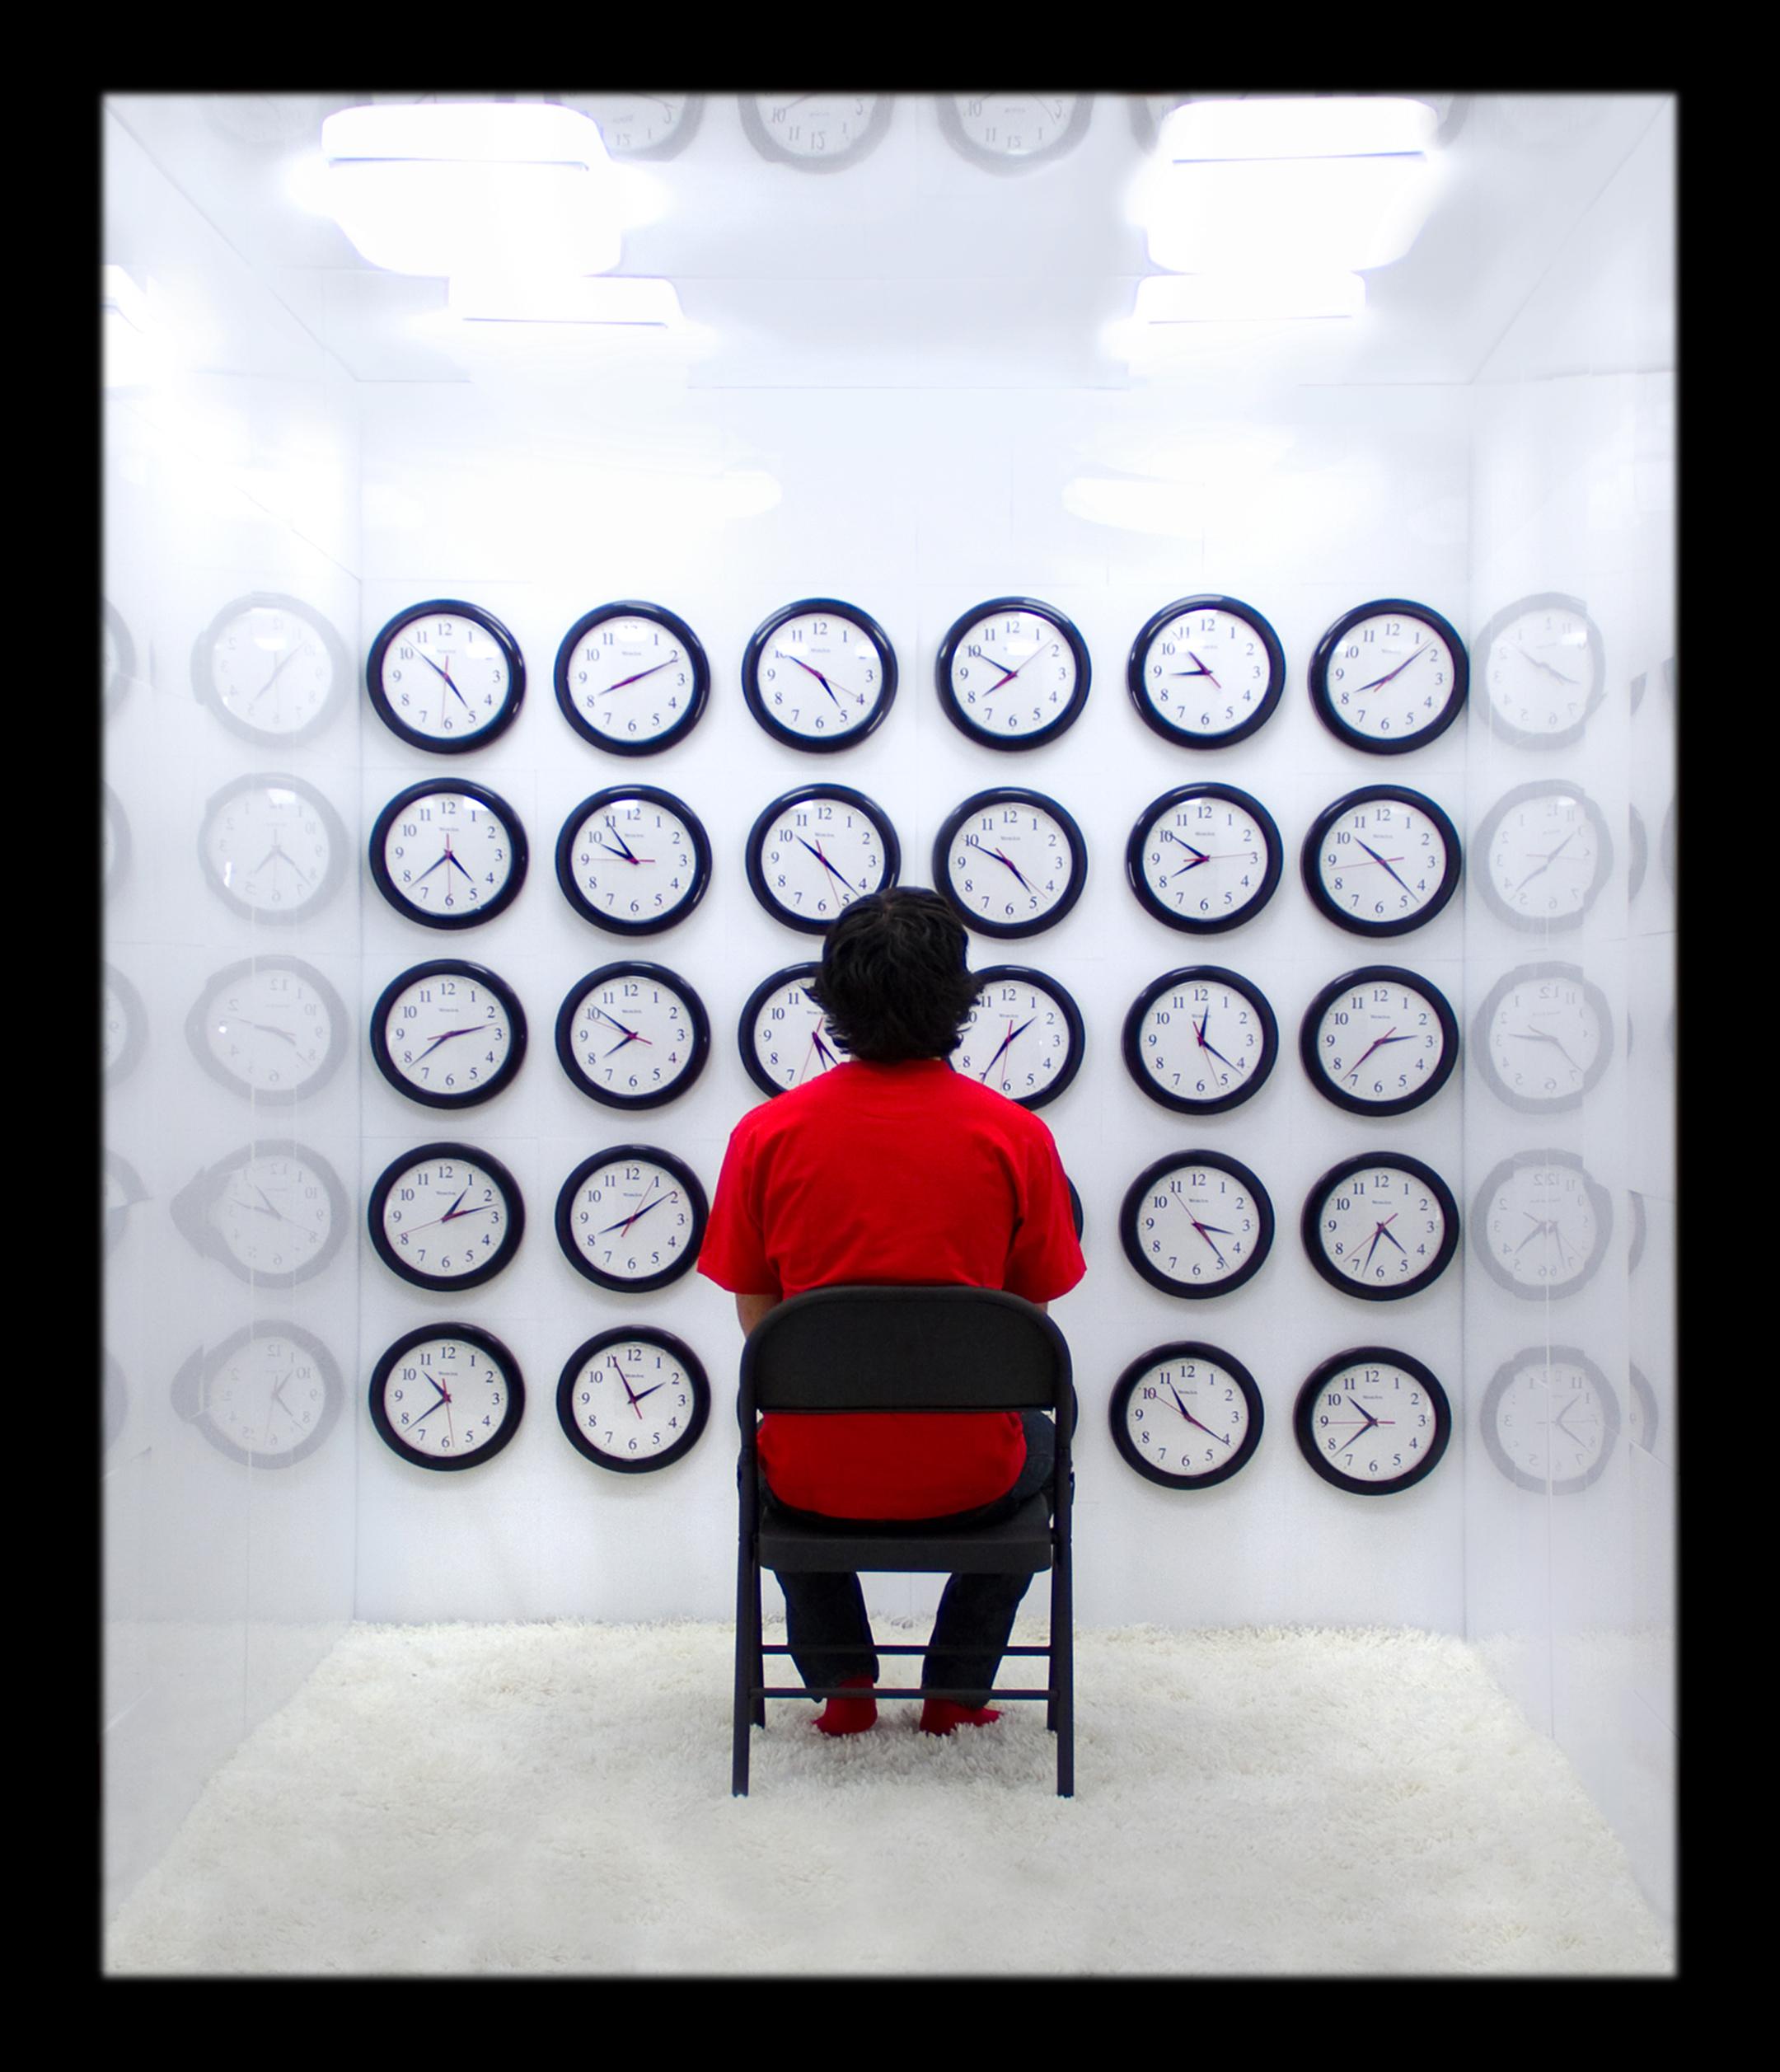 """Série de Youtube: """"The Vault"""" - Produções Crescendo Latest?cb=20130414054314"""